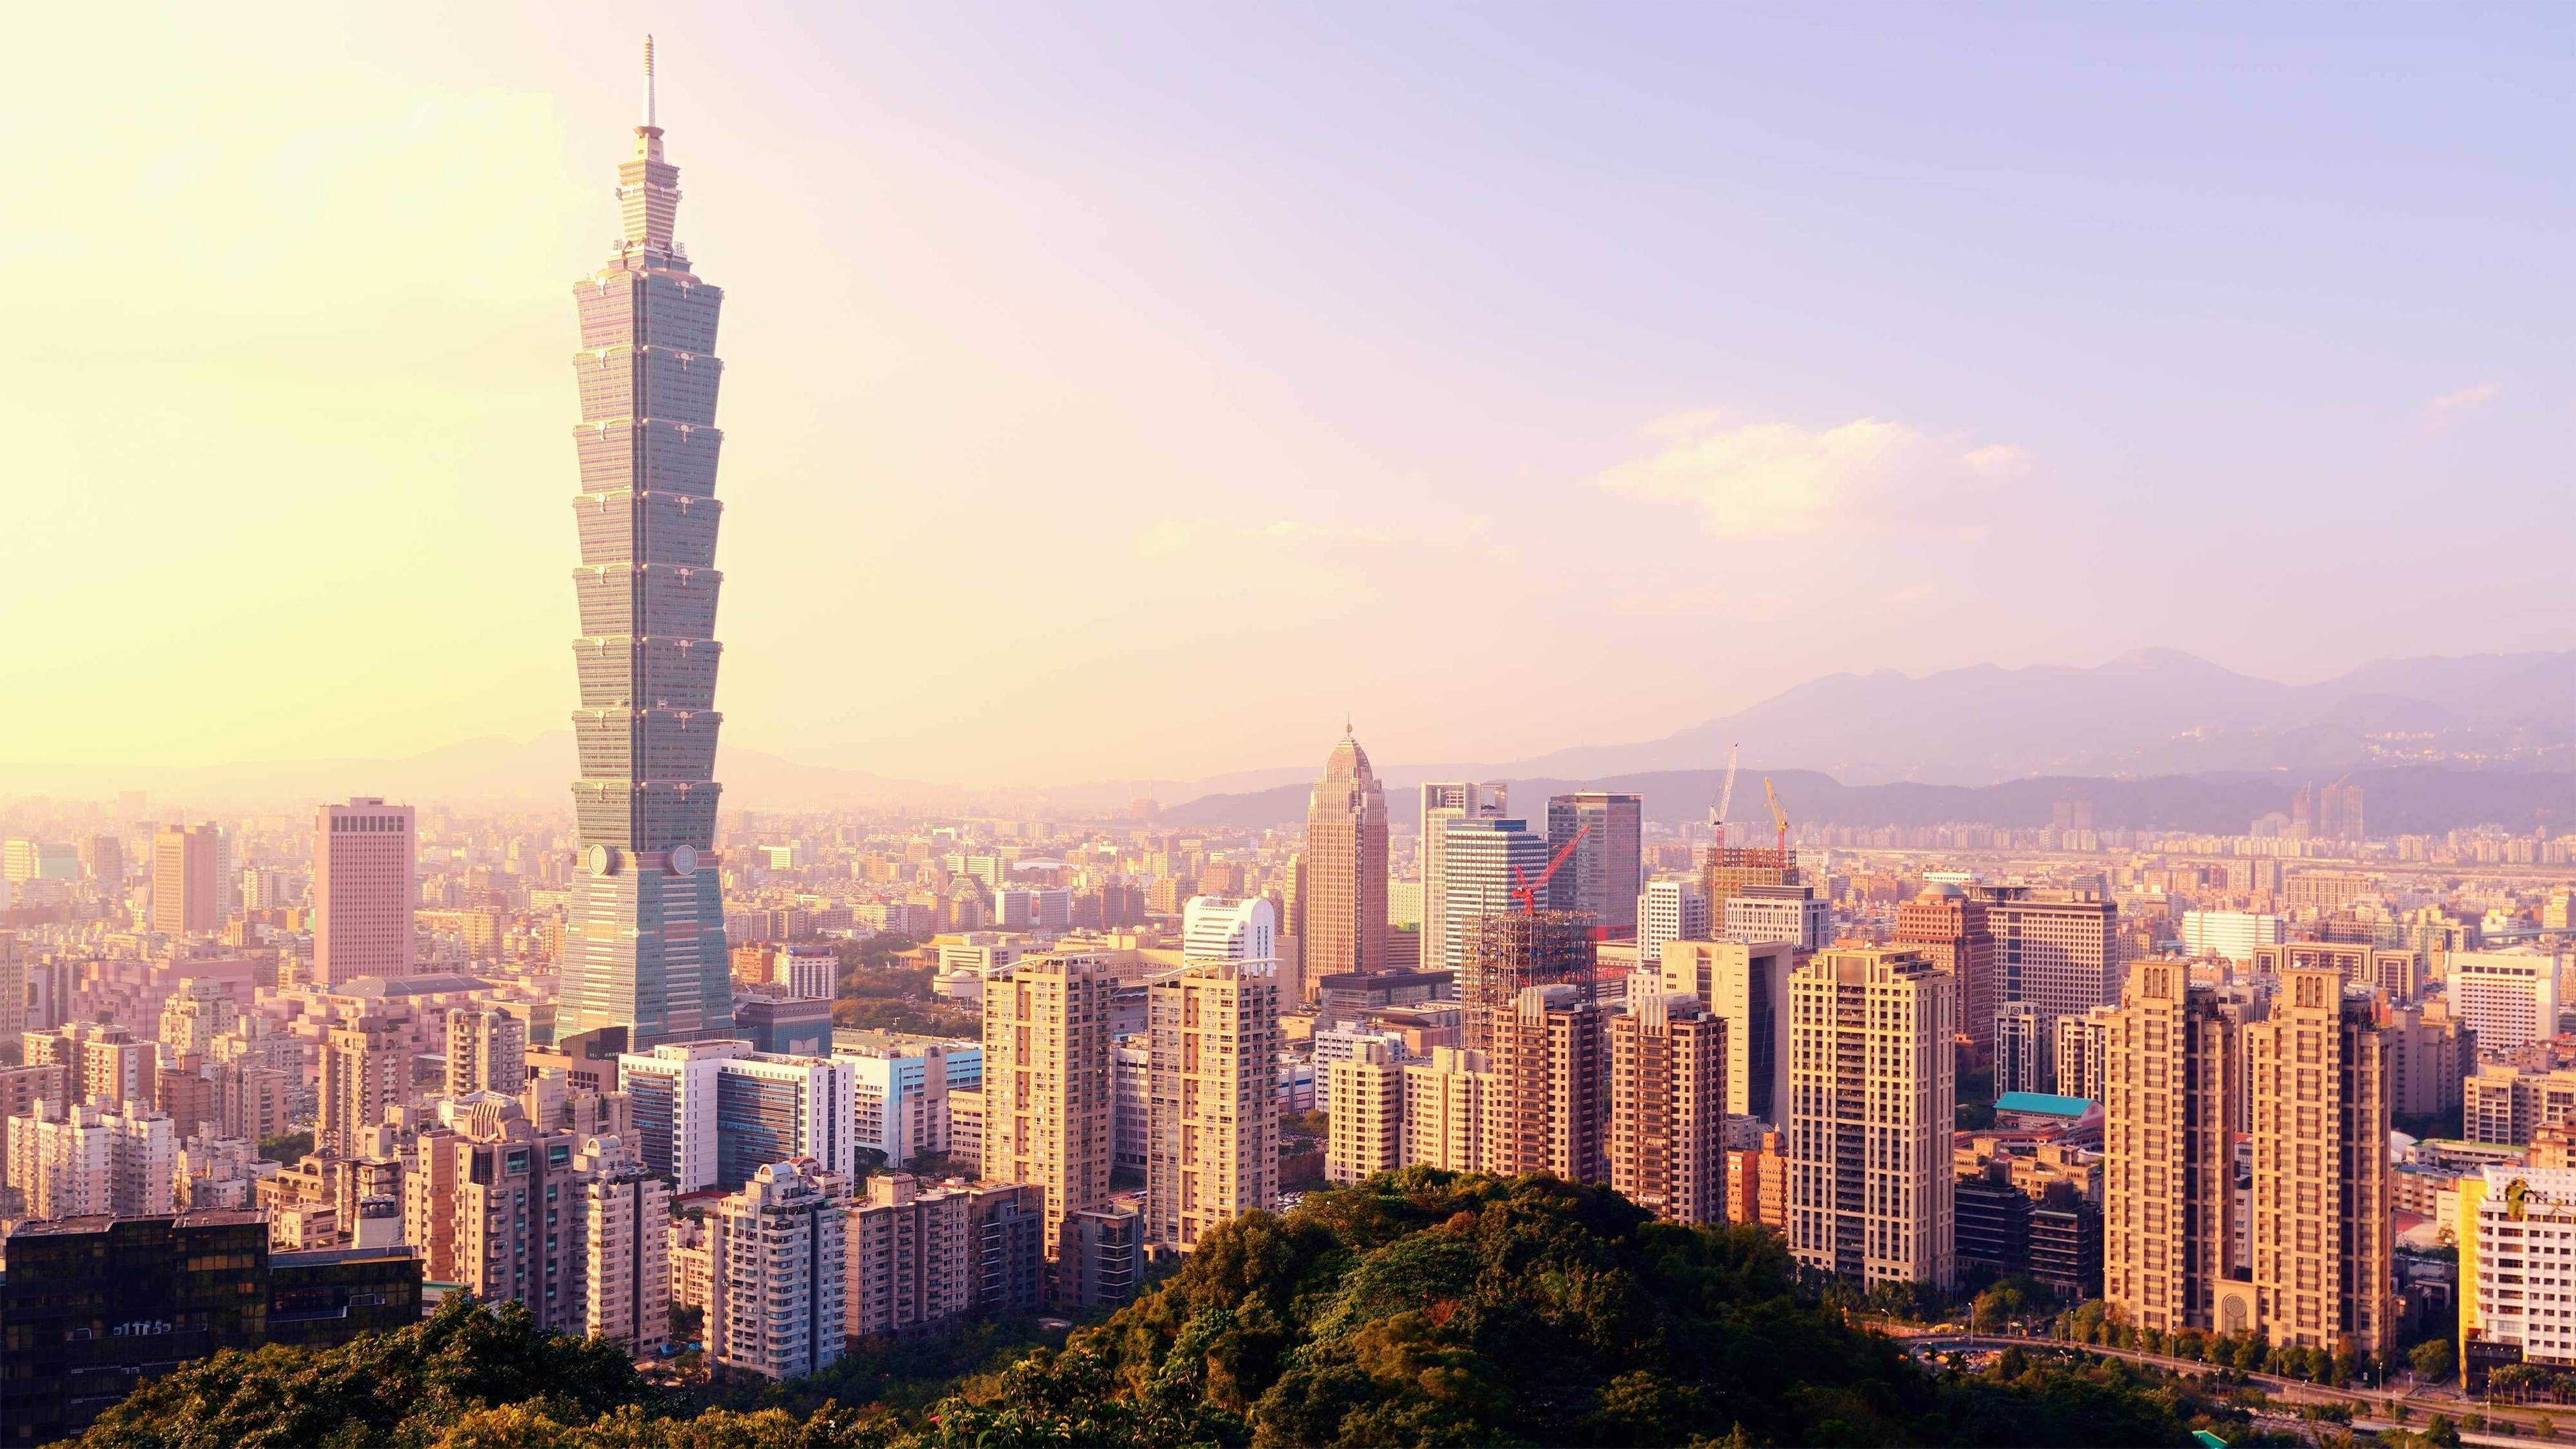 Sunrise view of Taipei